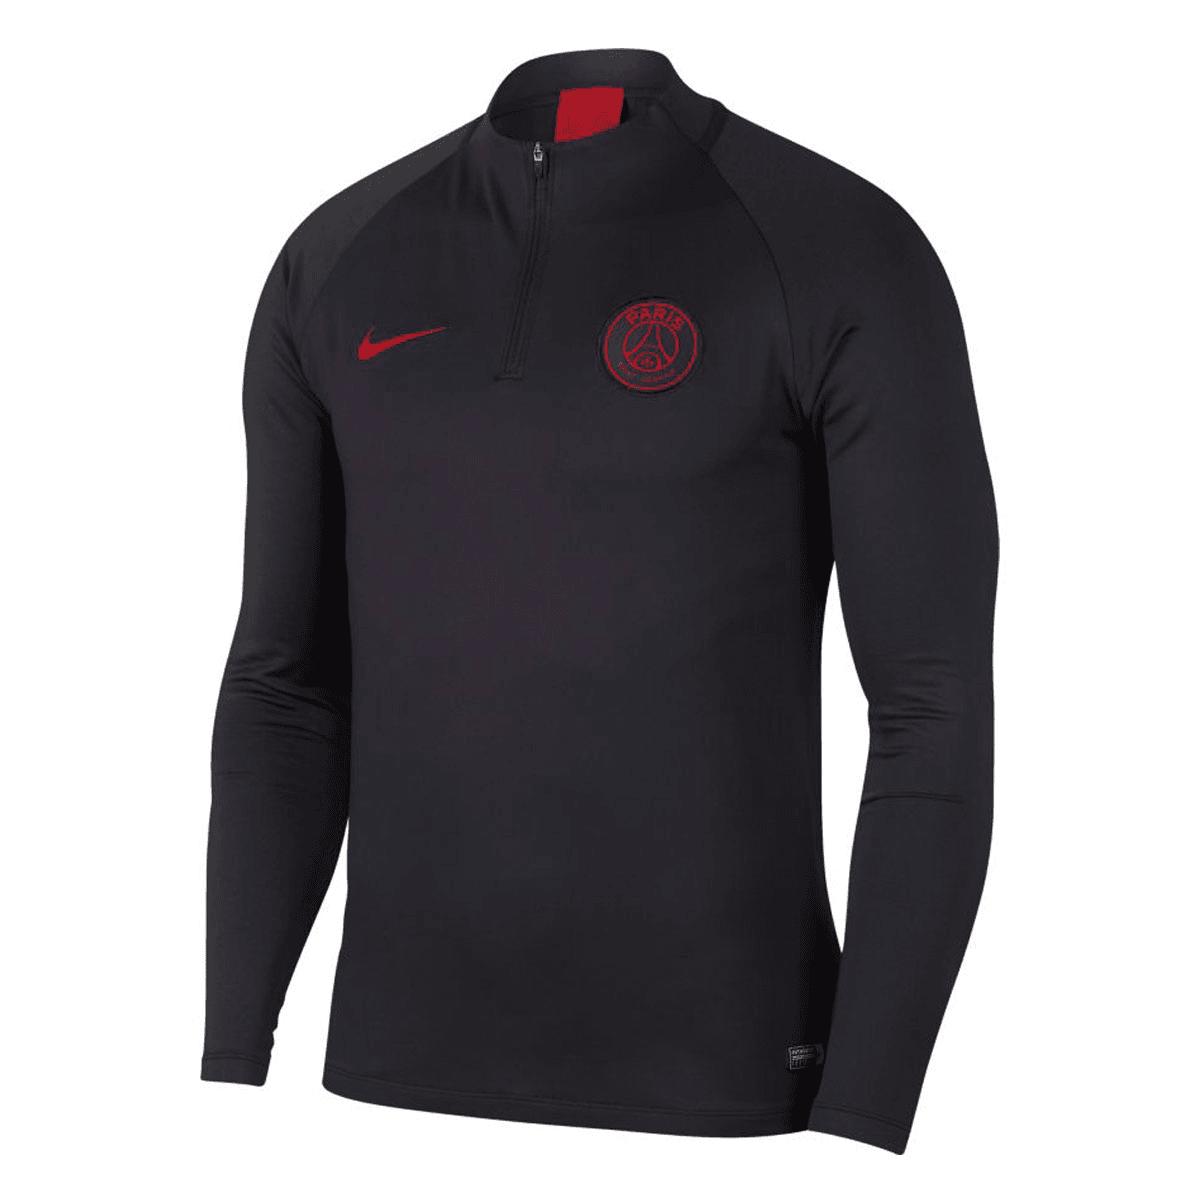 Nike Paris St. Germain trainingsjas Strike Drill Top antracietrood